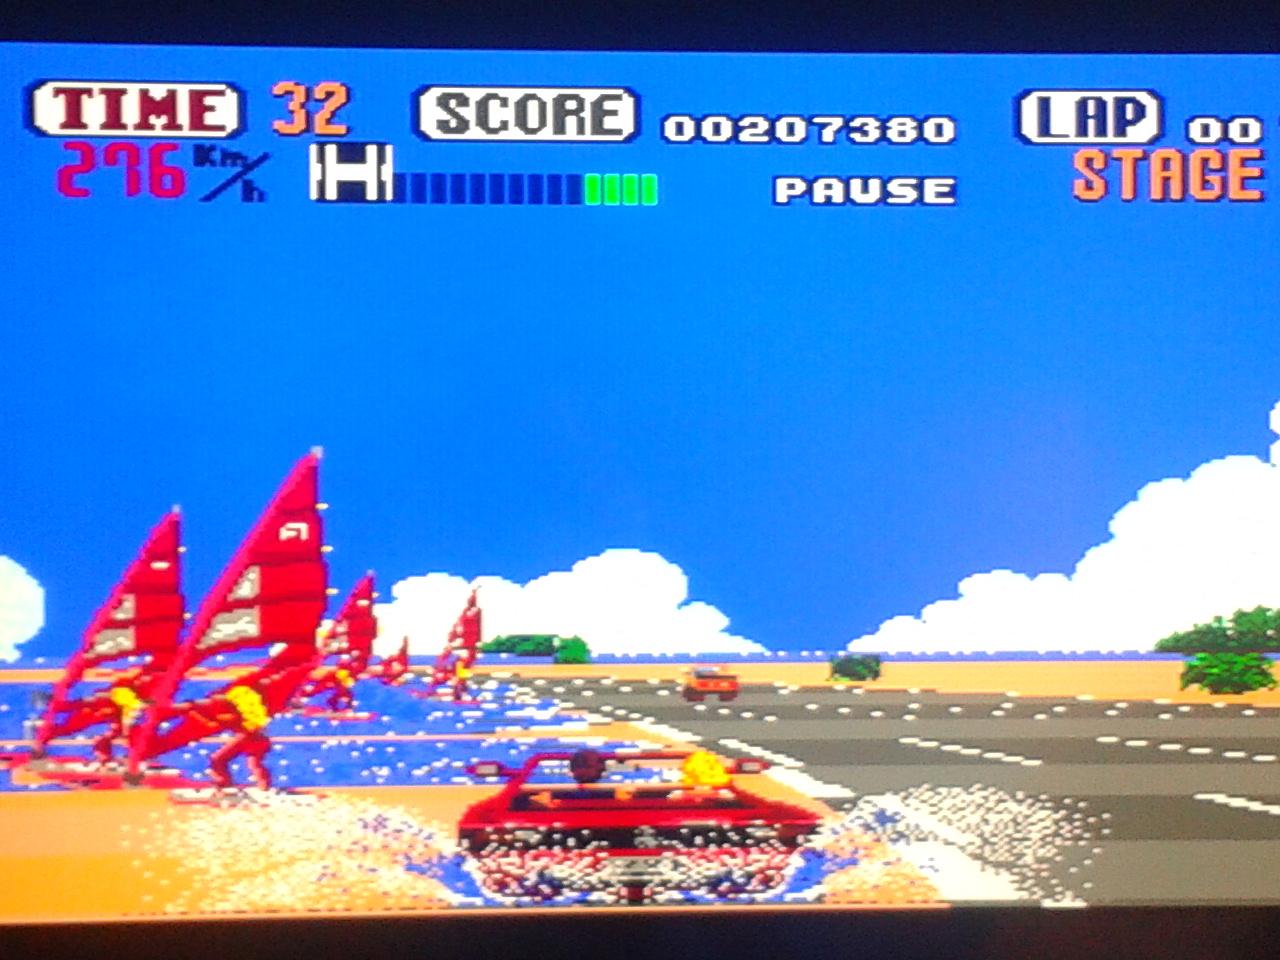 El juego de la rubia y el Ferrari Testarossa